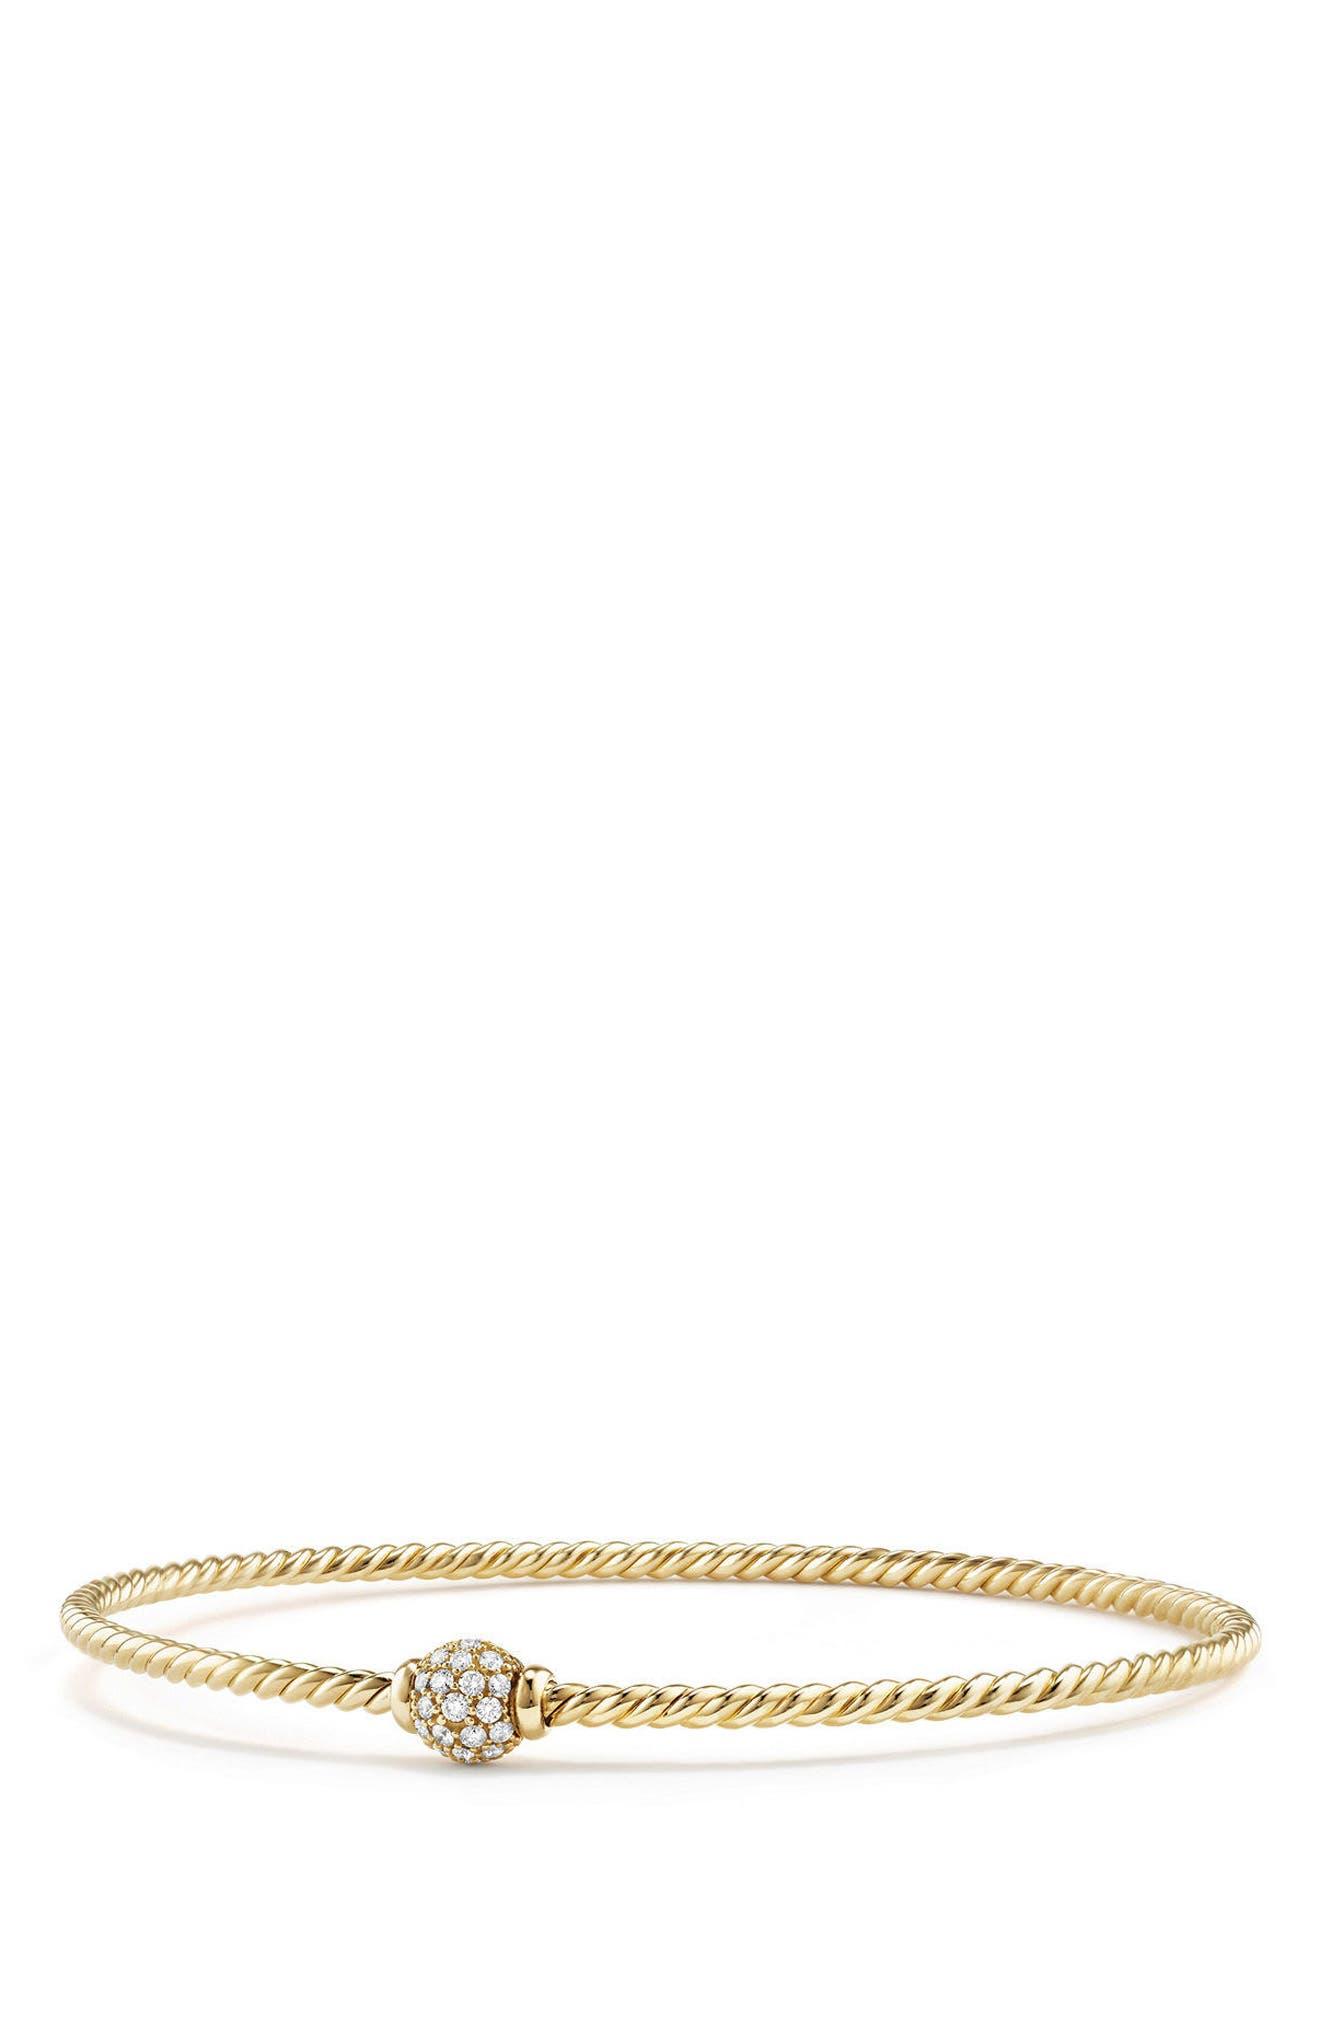 David Yurman Solari Station Pavé Bracelet with Diamonds in 18K Gold